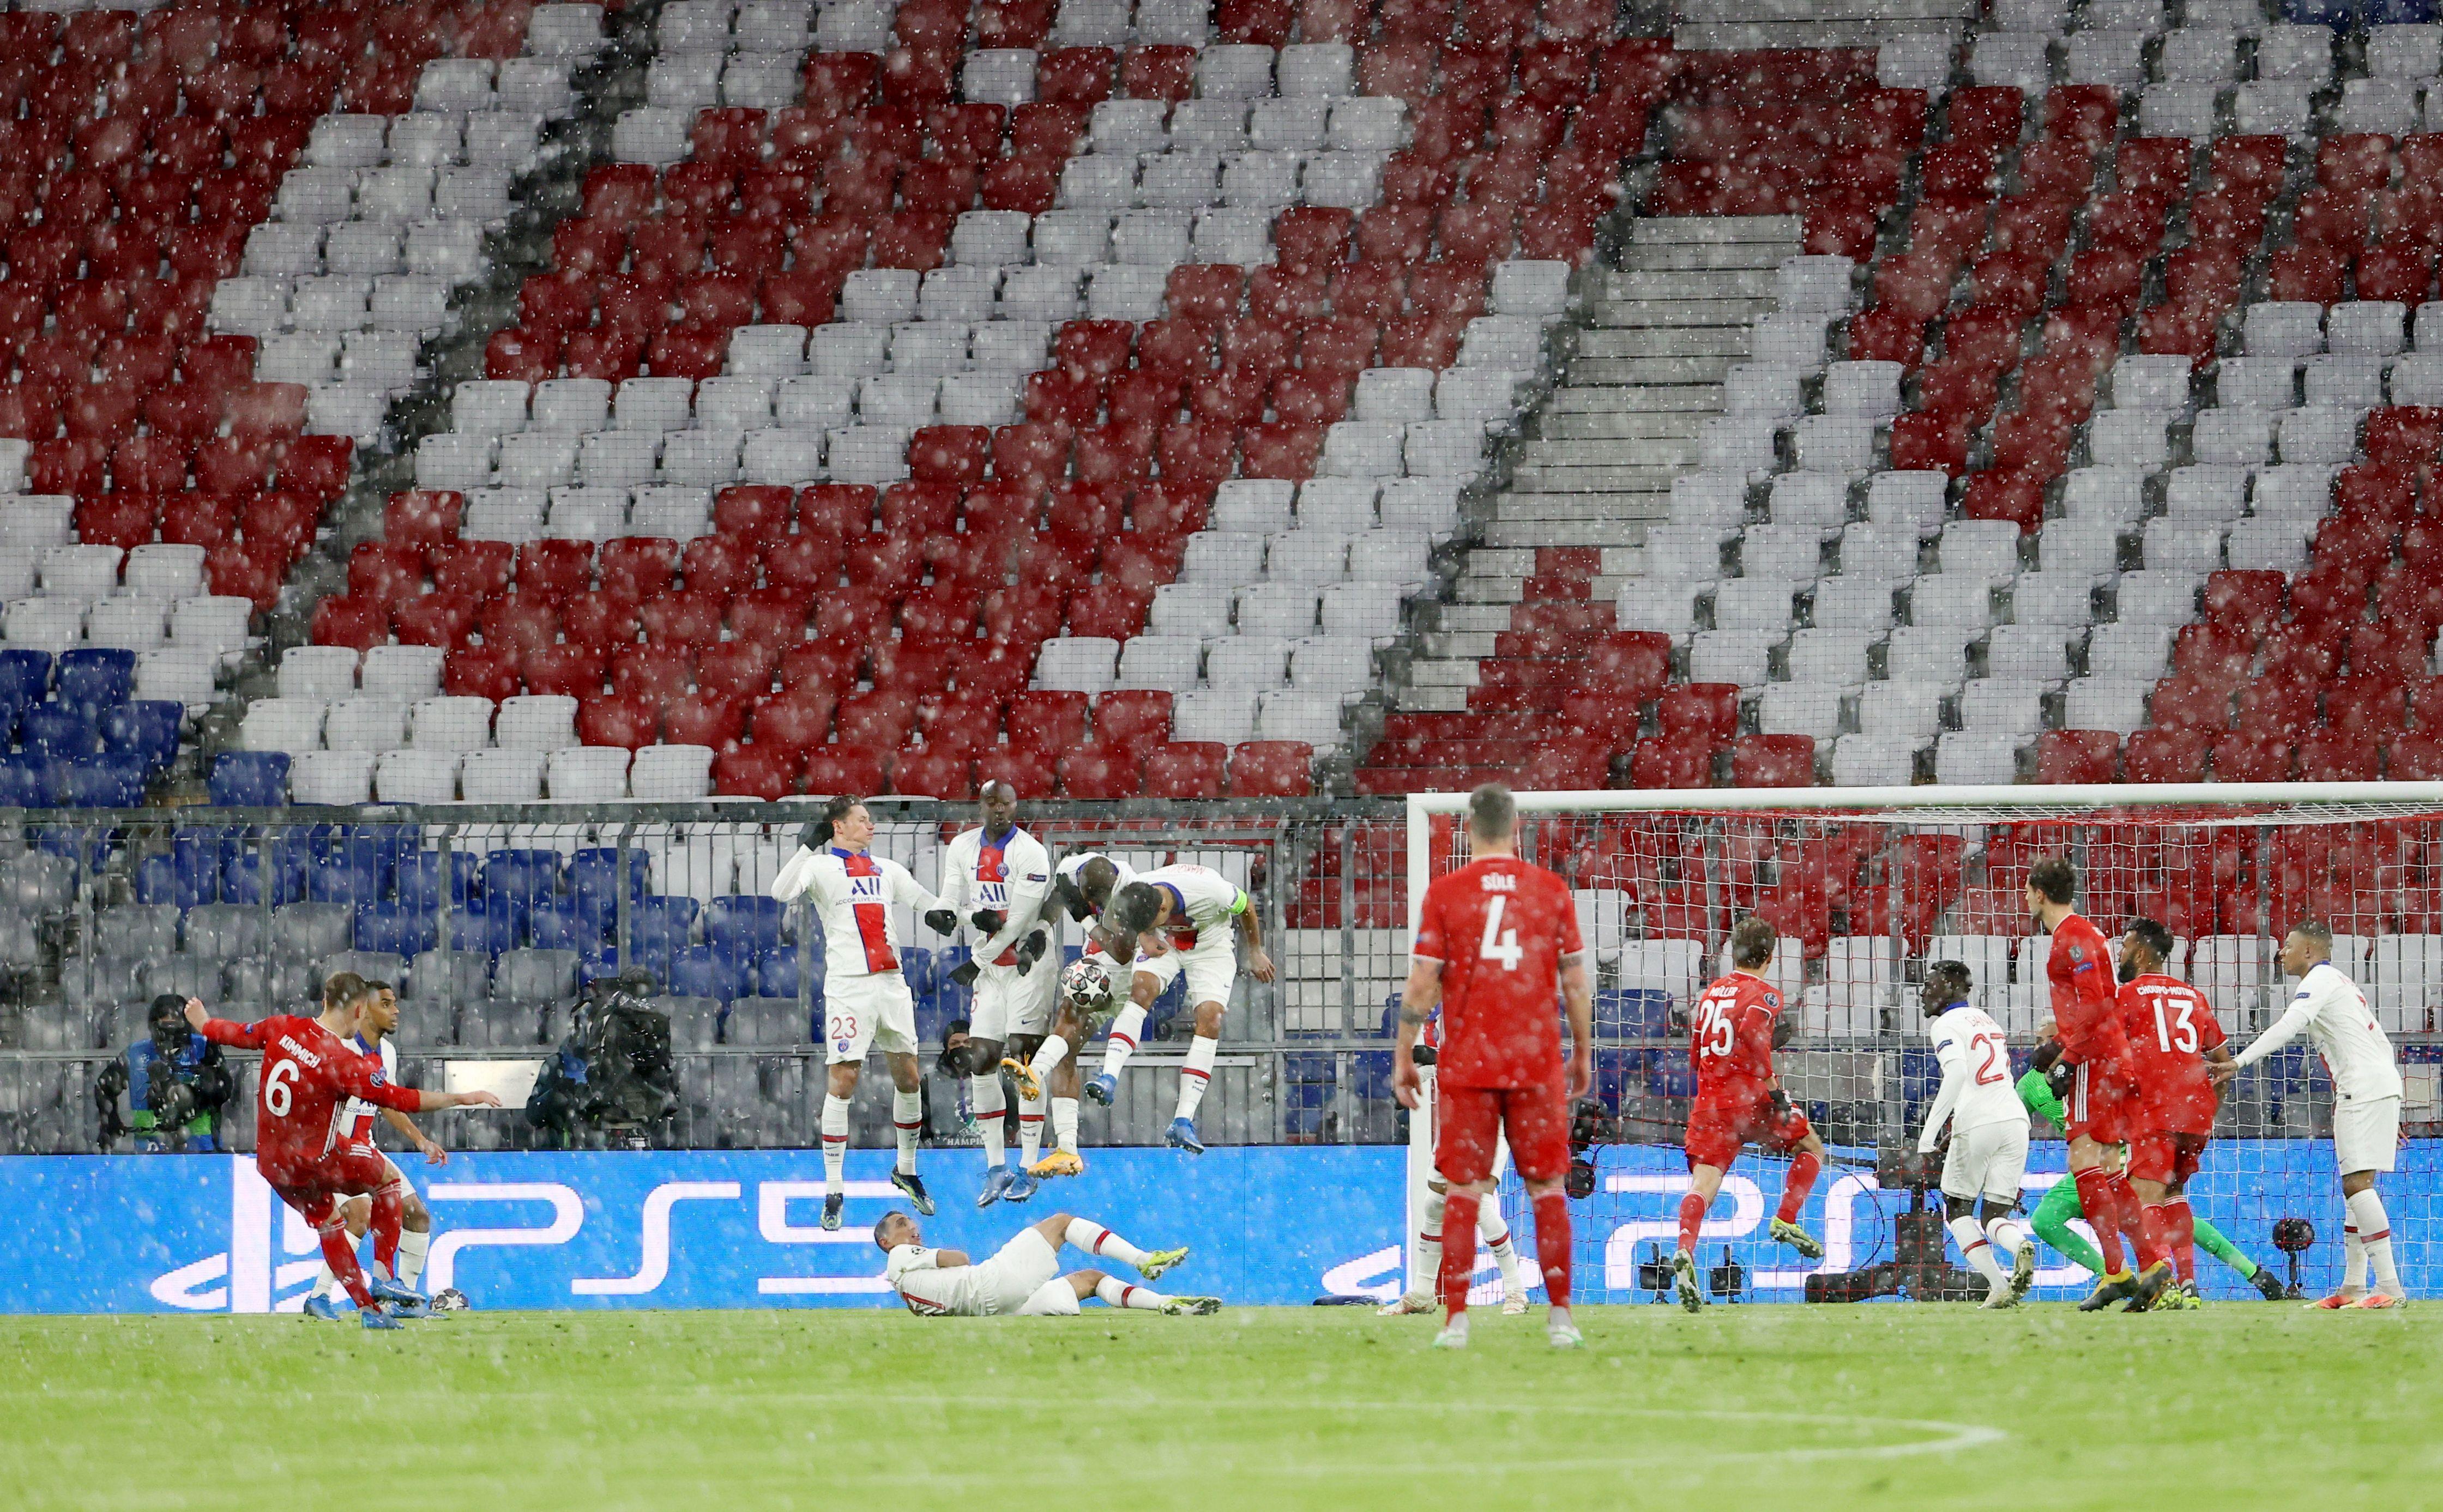 Fue un cruce cargado de emociones que no dio lugar a la especulación. Incluso a los 3 minutos de iniciado el pleito, Neymar se asoció con Kylian Mbappe y el francés festejó el 1 a 0 con una resolución que terminó entre las piernas de Manuel Neuer